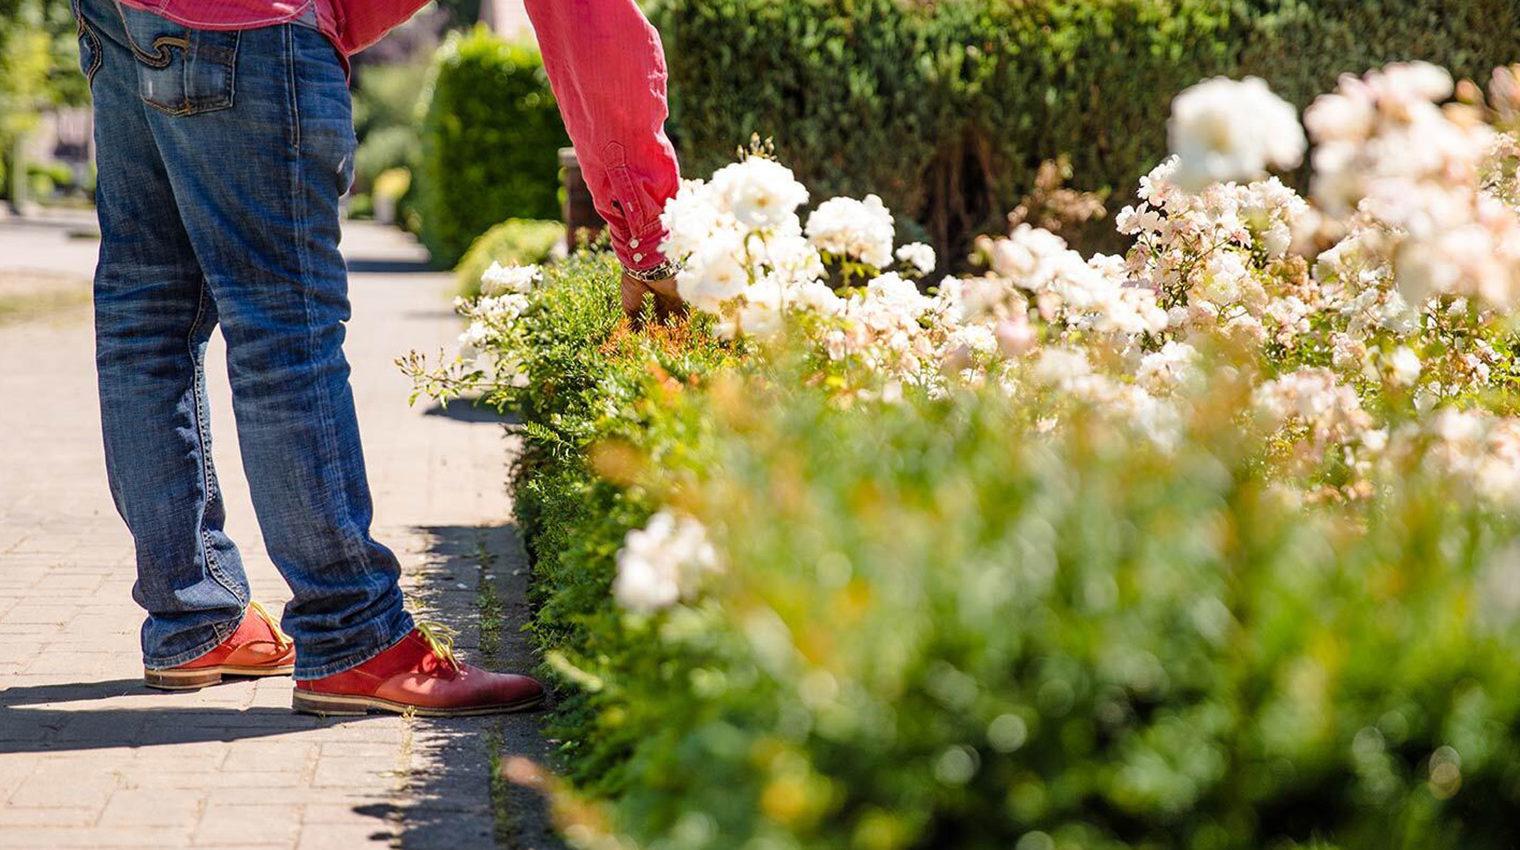 Garten im Frühling: blühende Pflanzen